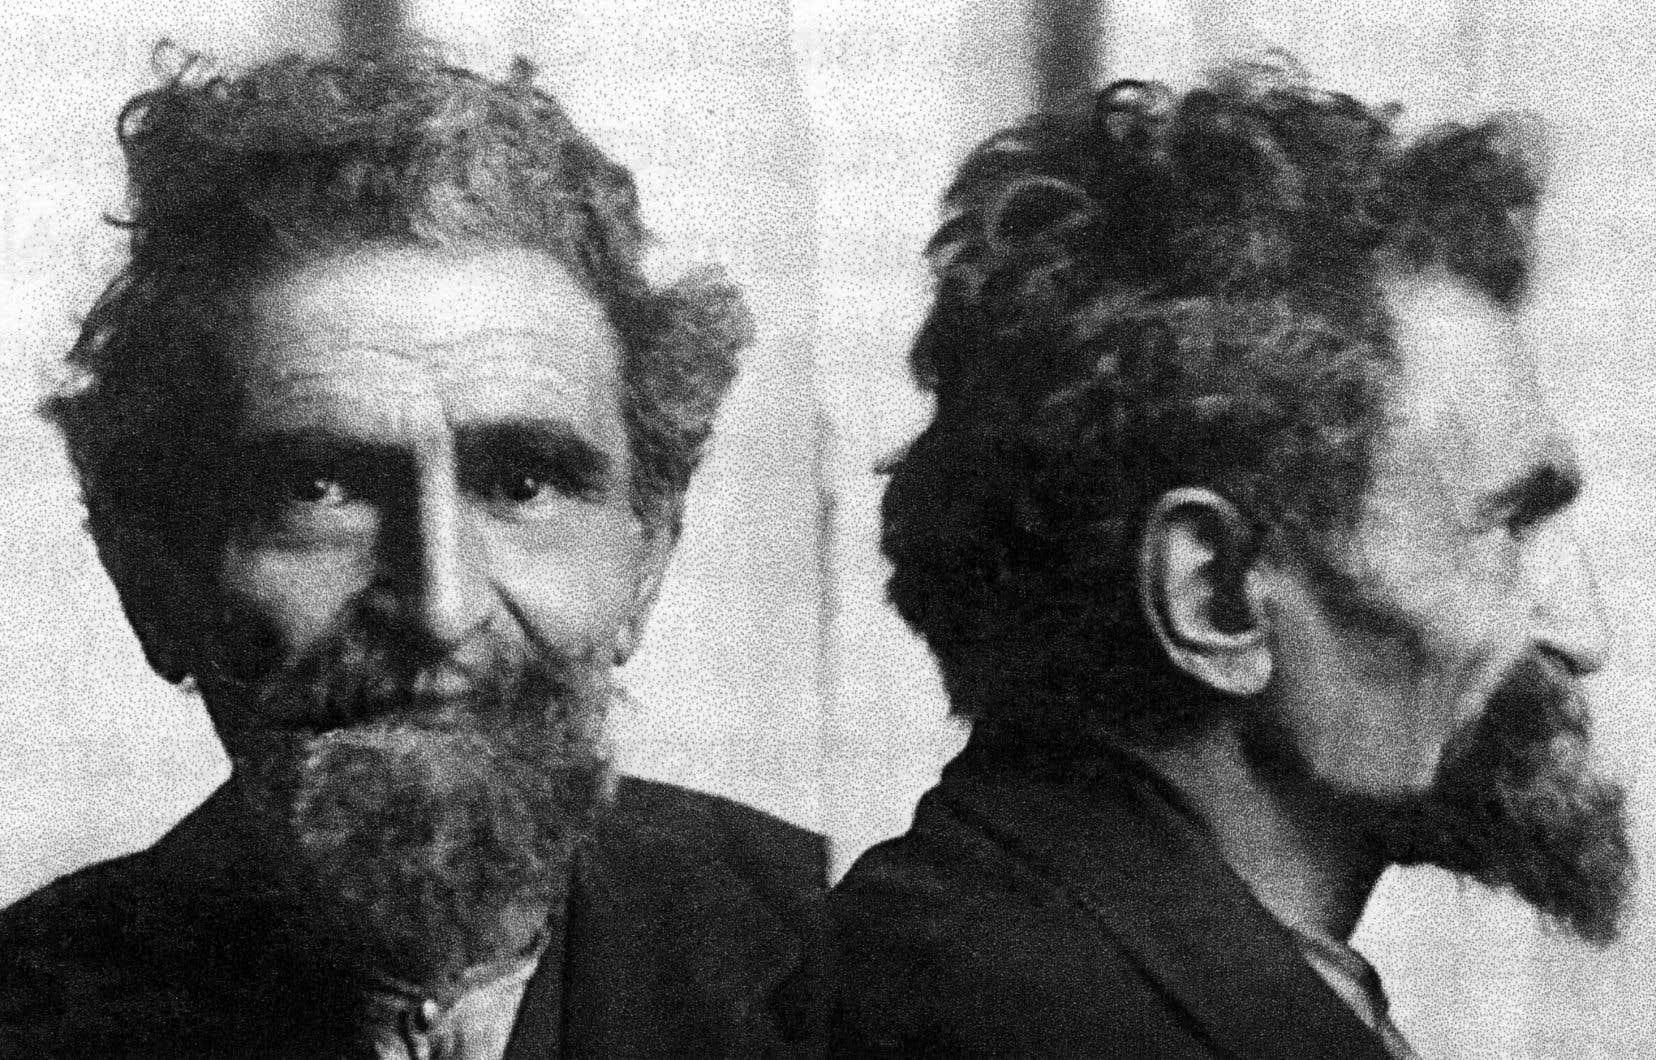 Face.Profil. Photos signalétiques de Malatesta prises en 1921 lors d'une arrestation.